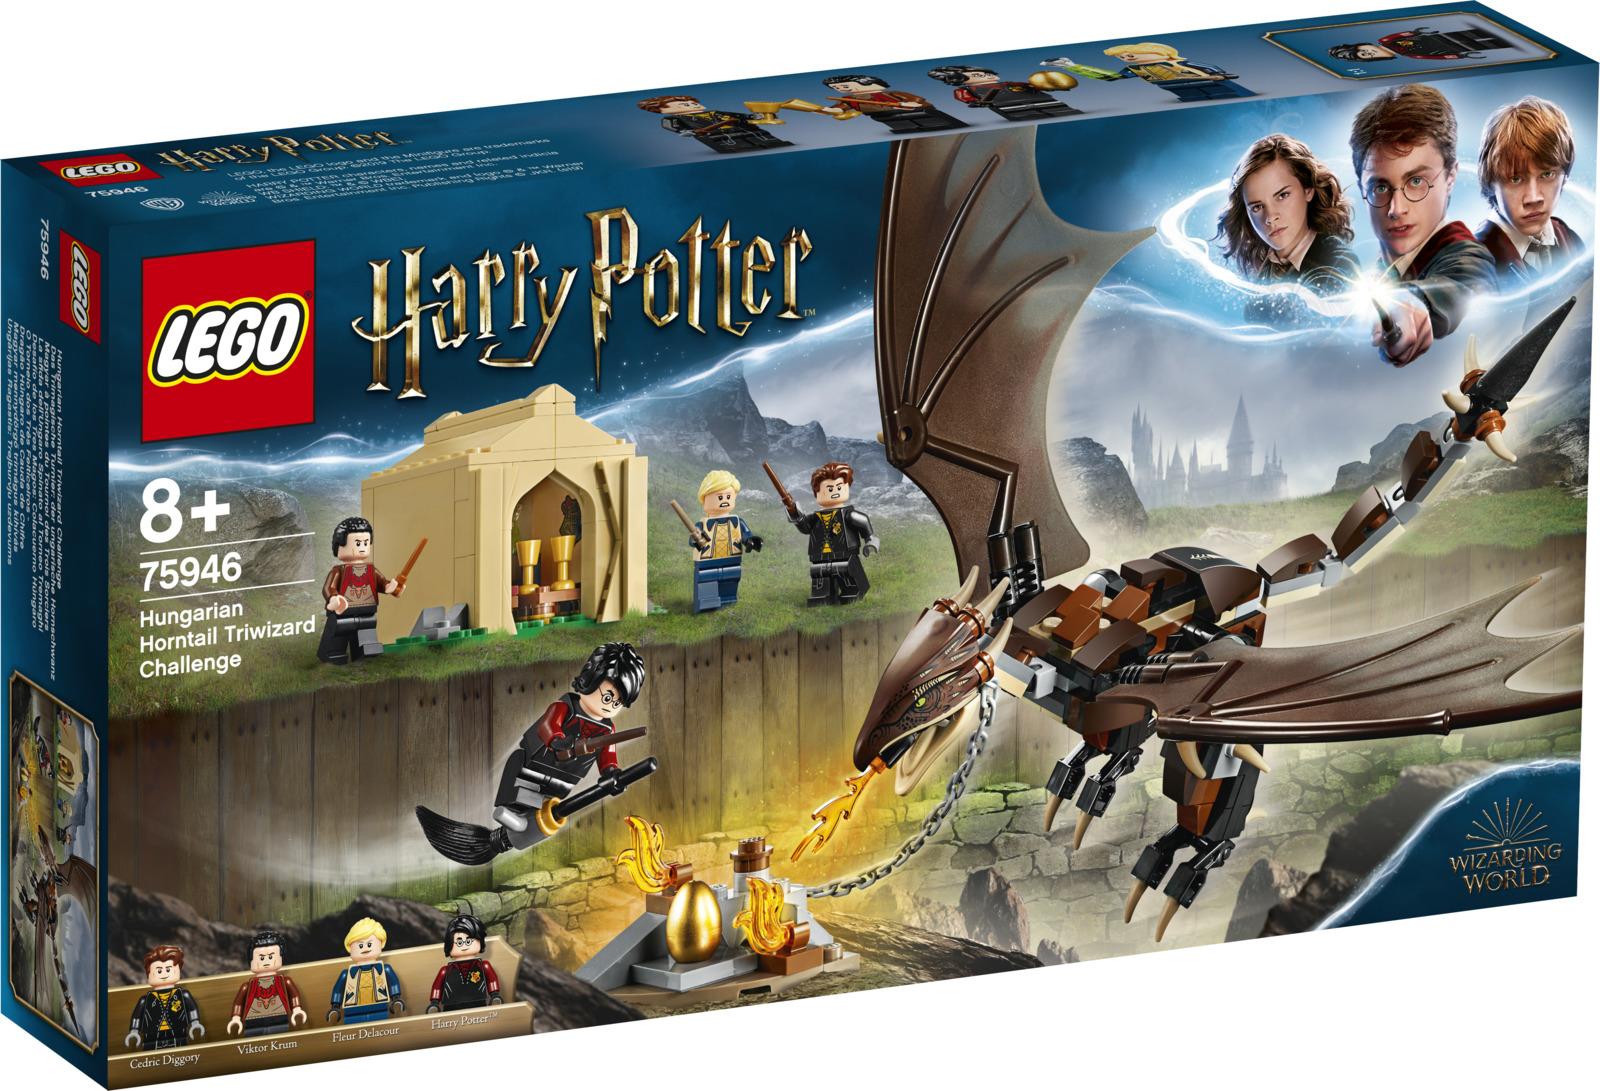 LEGO Harry Potter 75946 Турнир трёх волшебников: венгерская хвосторога Конструктор